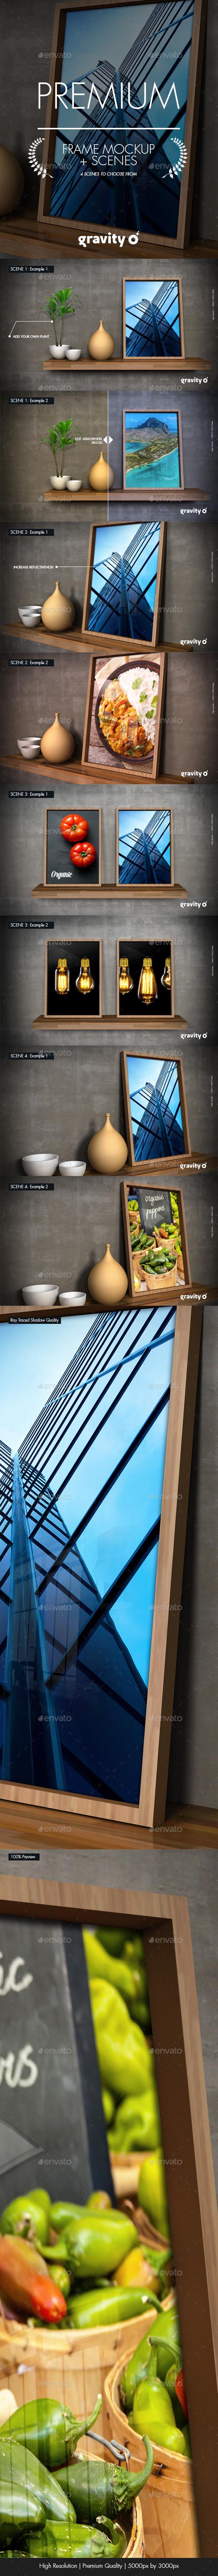 GraphicRiver Picture Frame Mockup & Scenes 11832647